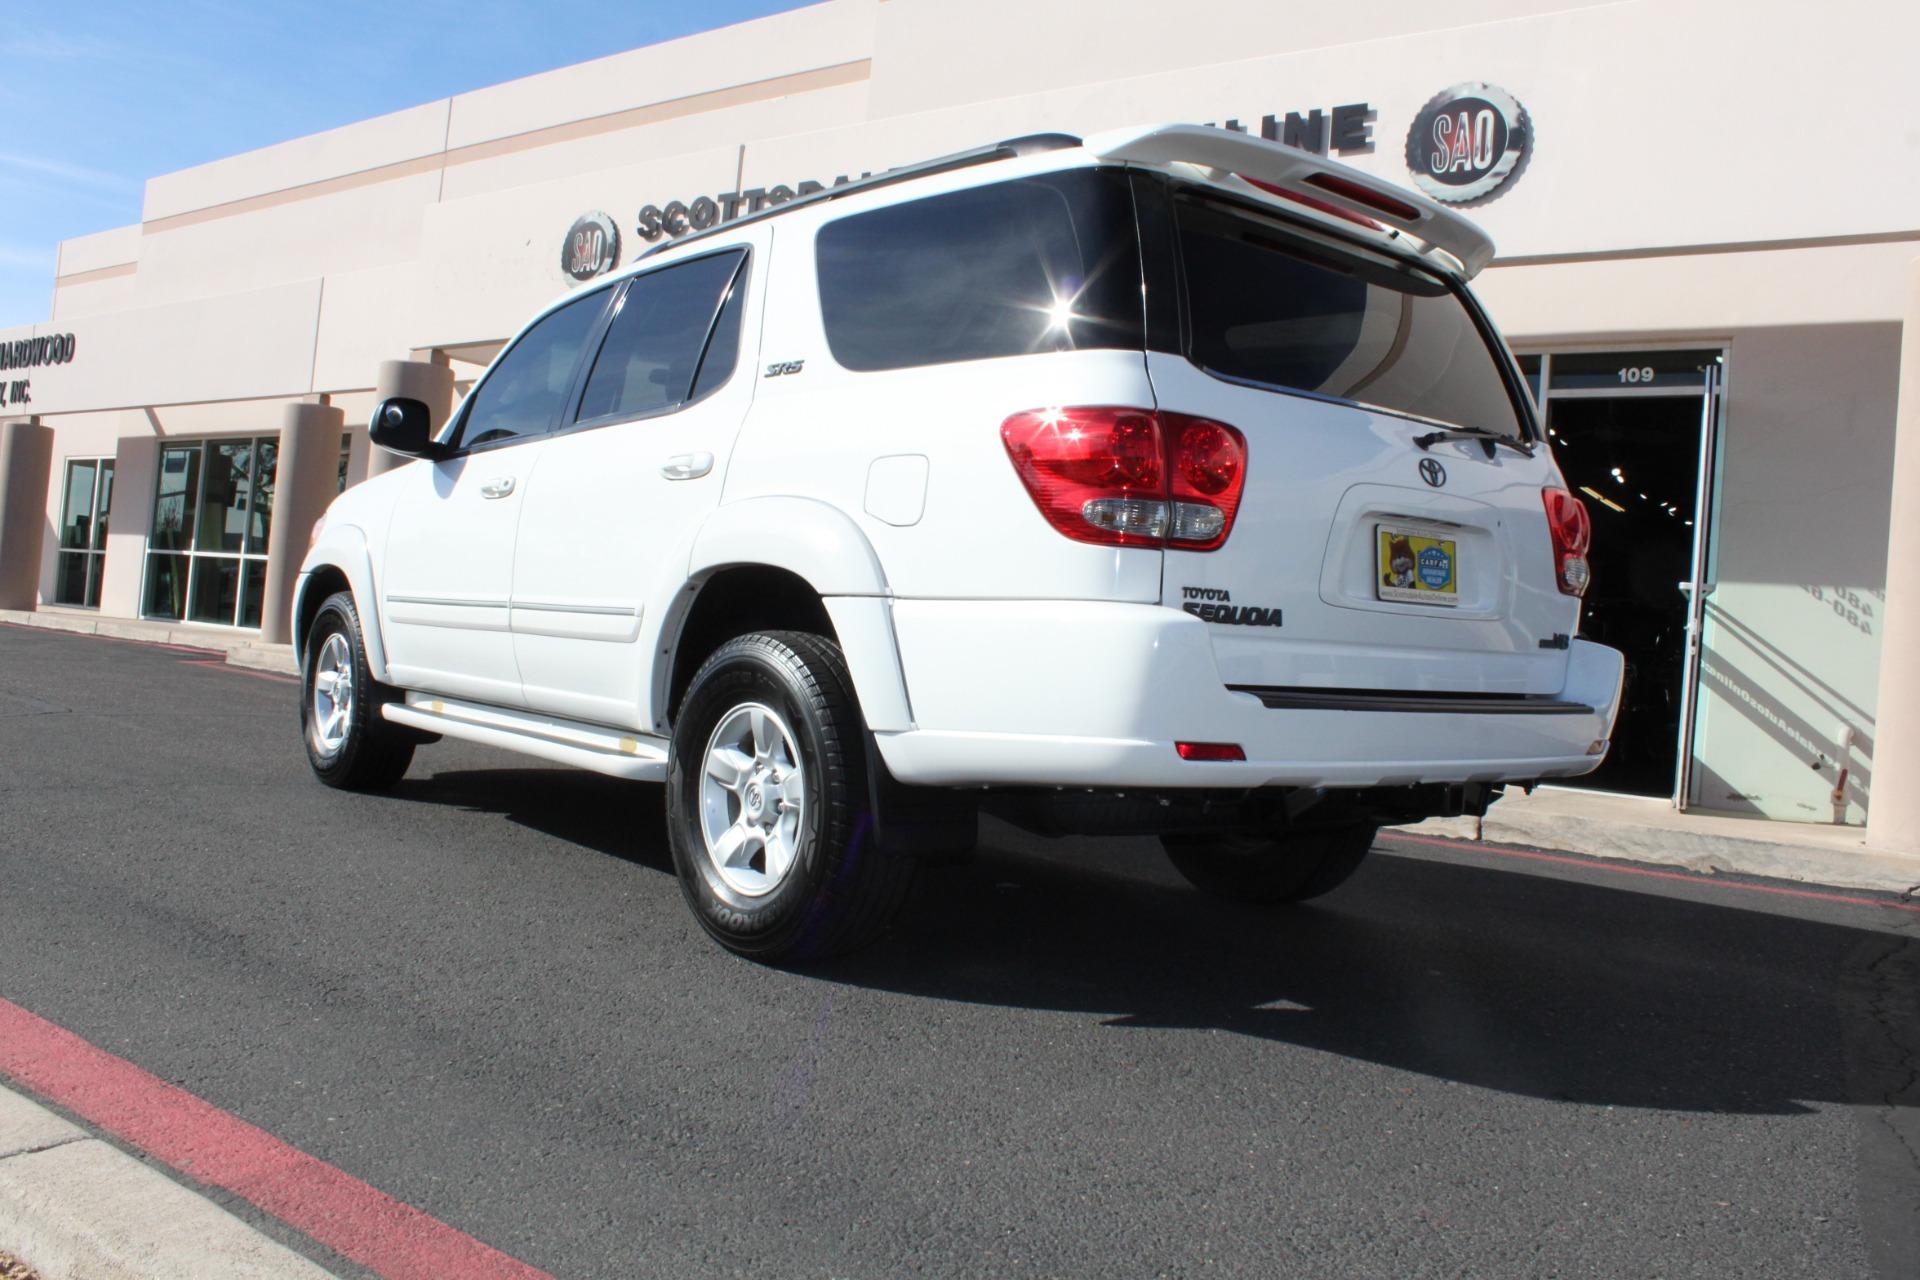 Used-2005-Toyota-Sequoia-SR5-LS400